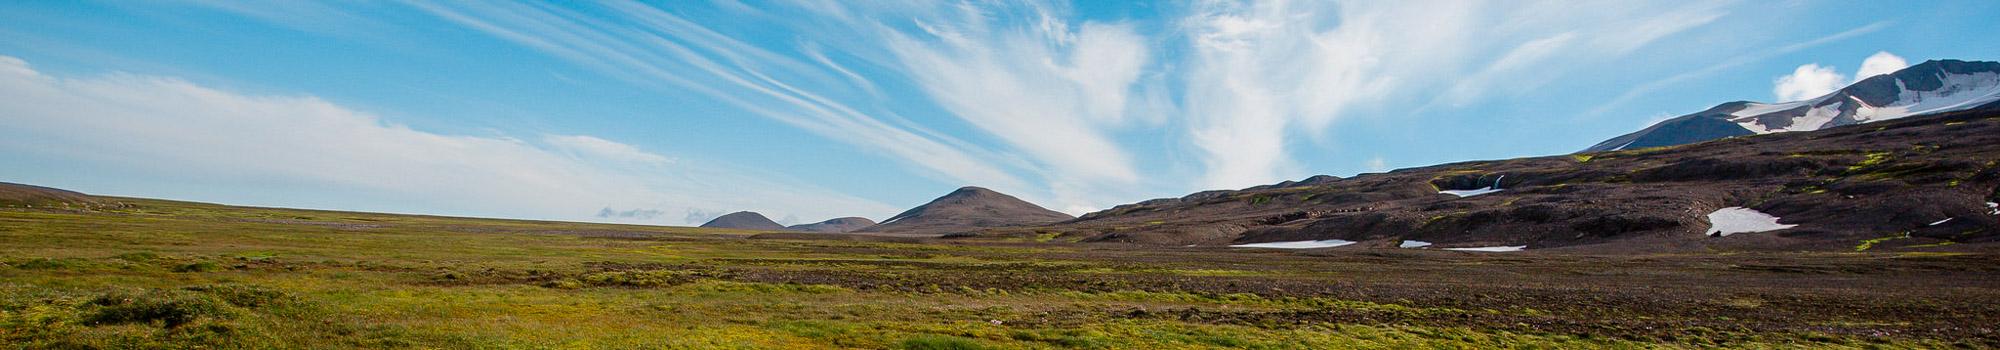 Eastfjords landscape in Iceland